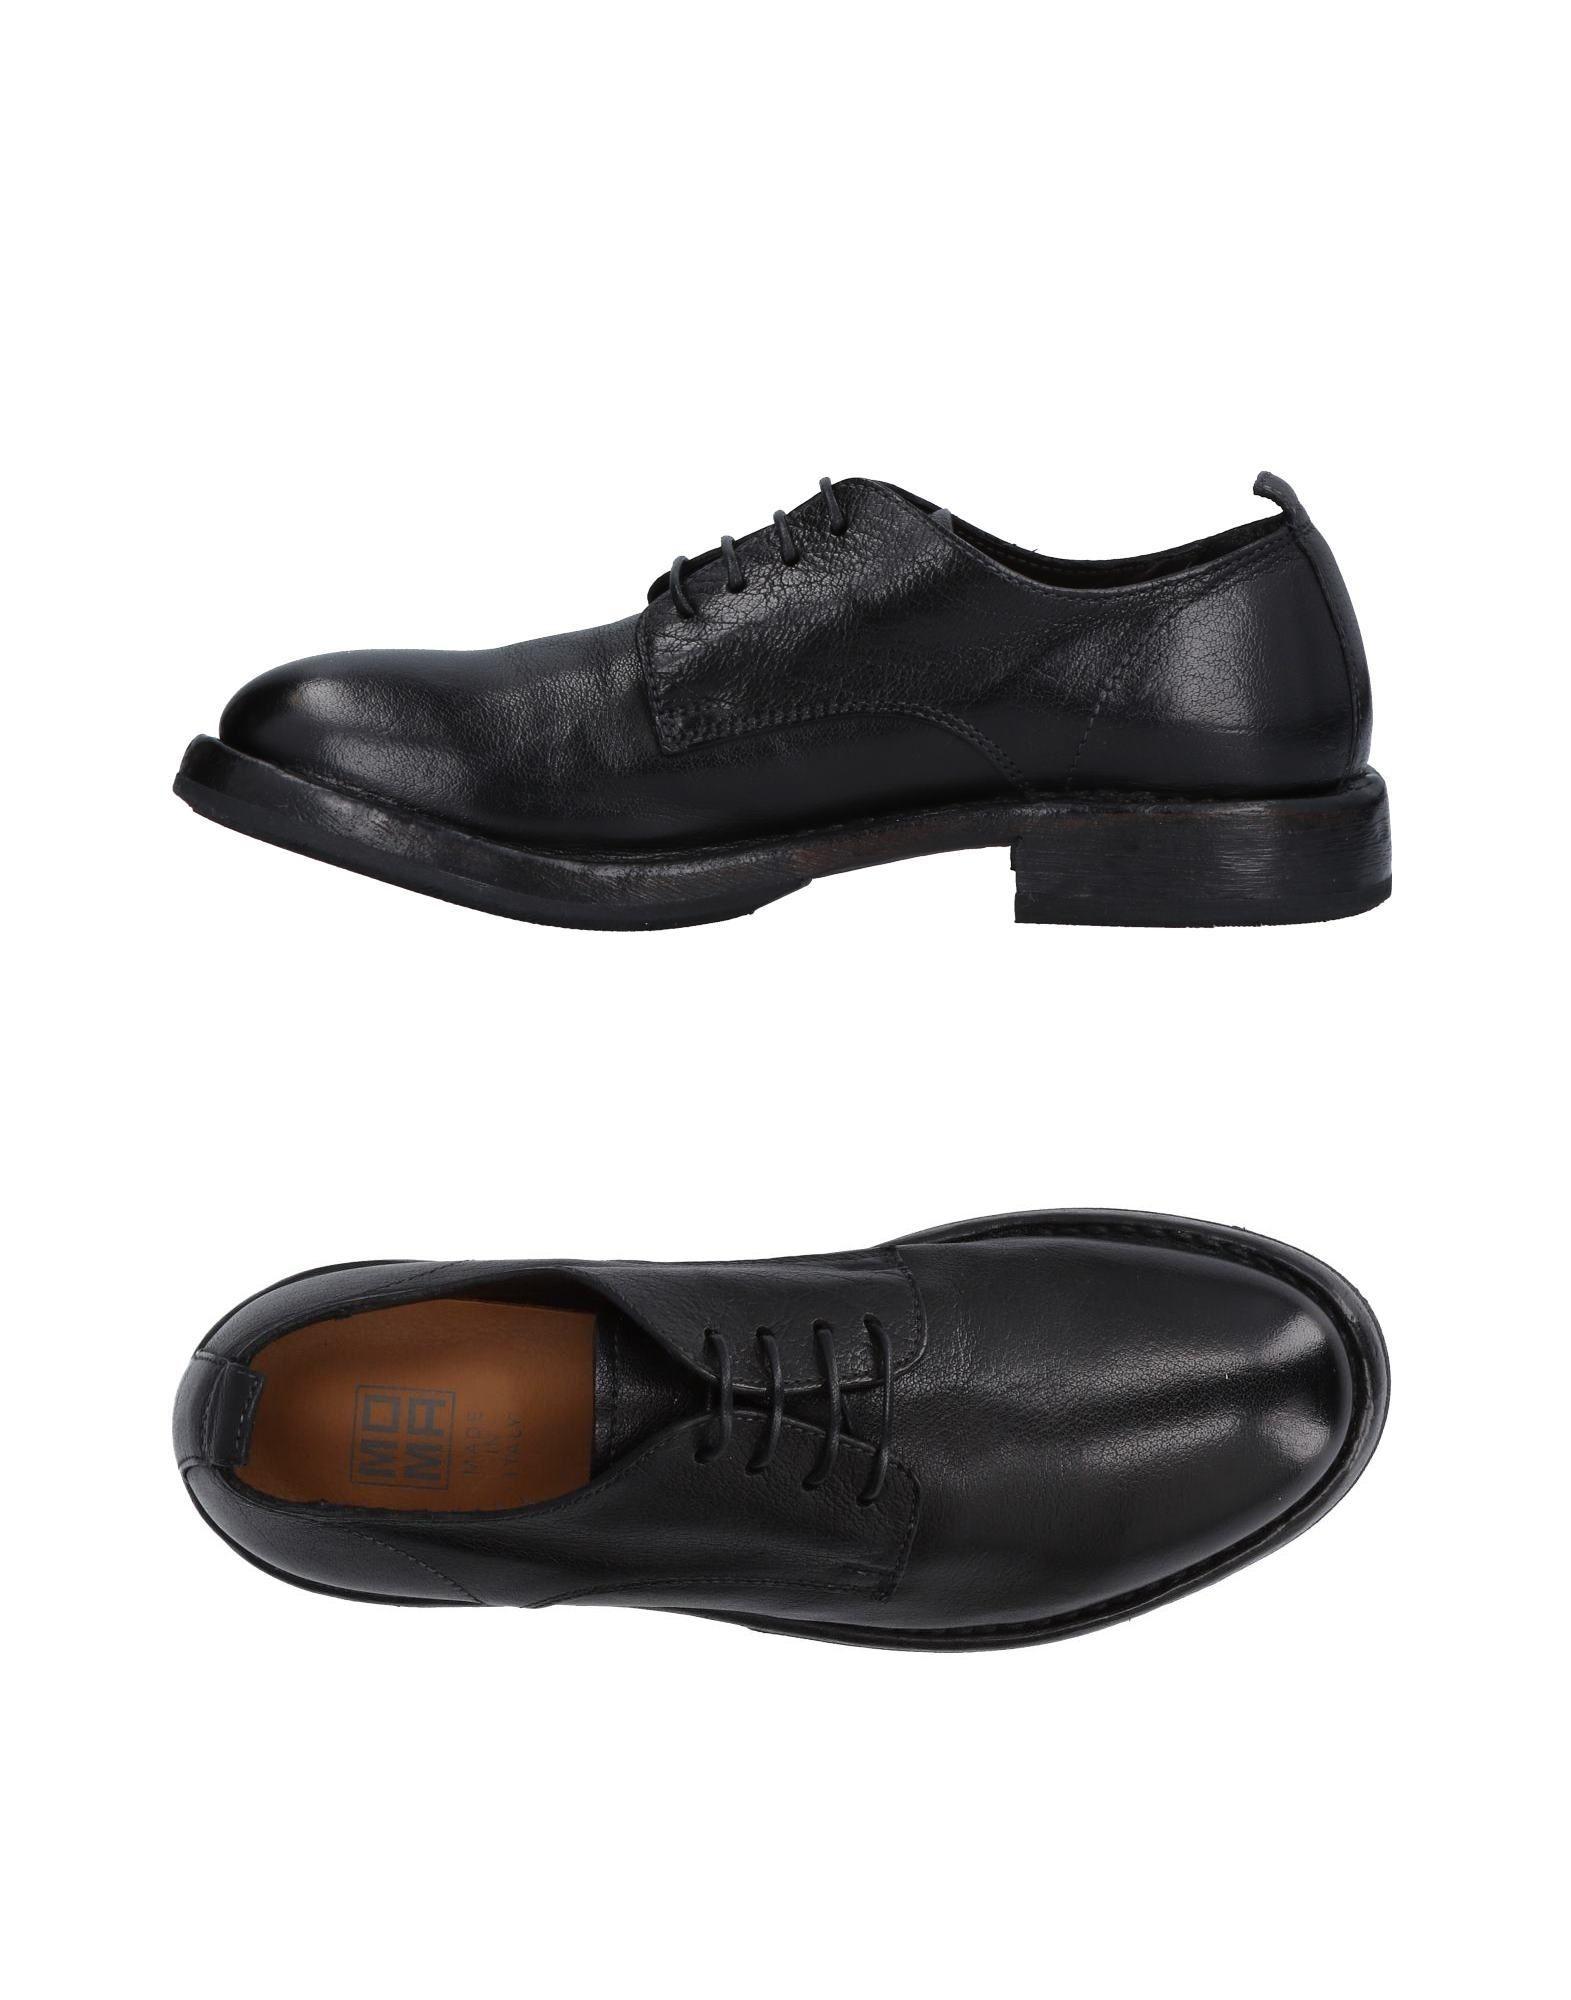 Moma Schnürschuhe Damen  11471455RDGut aussehende strapazierfähige Schuhe